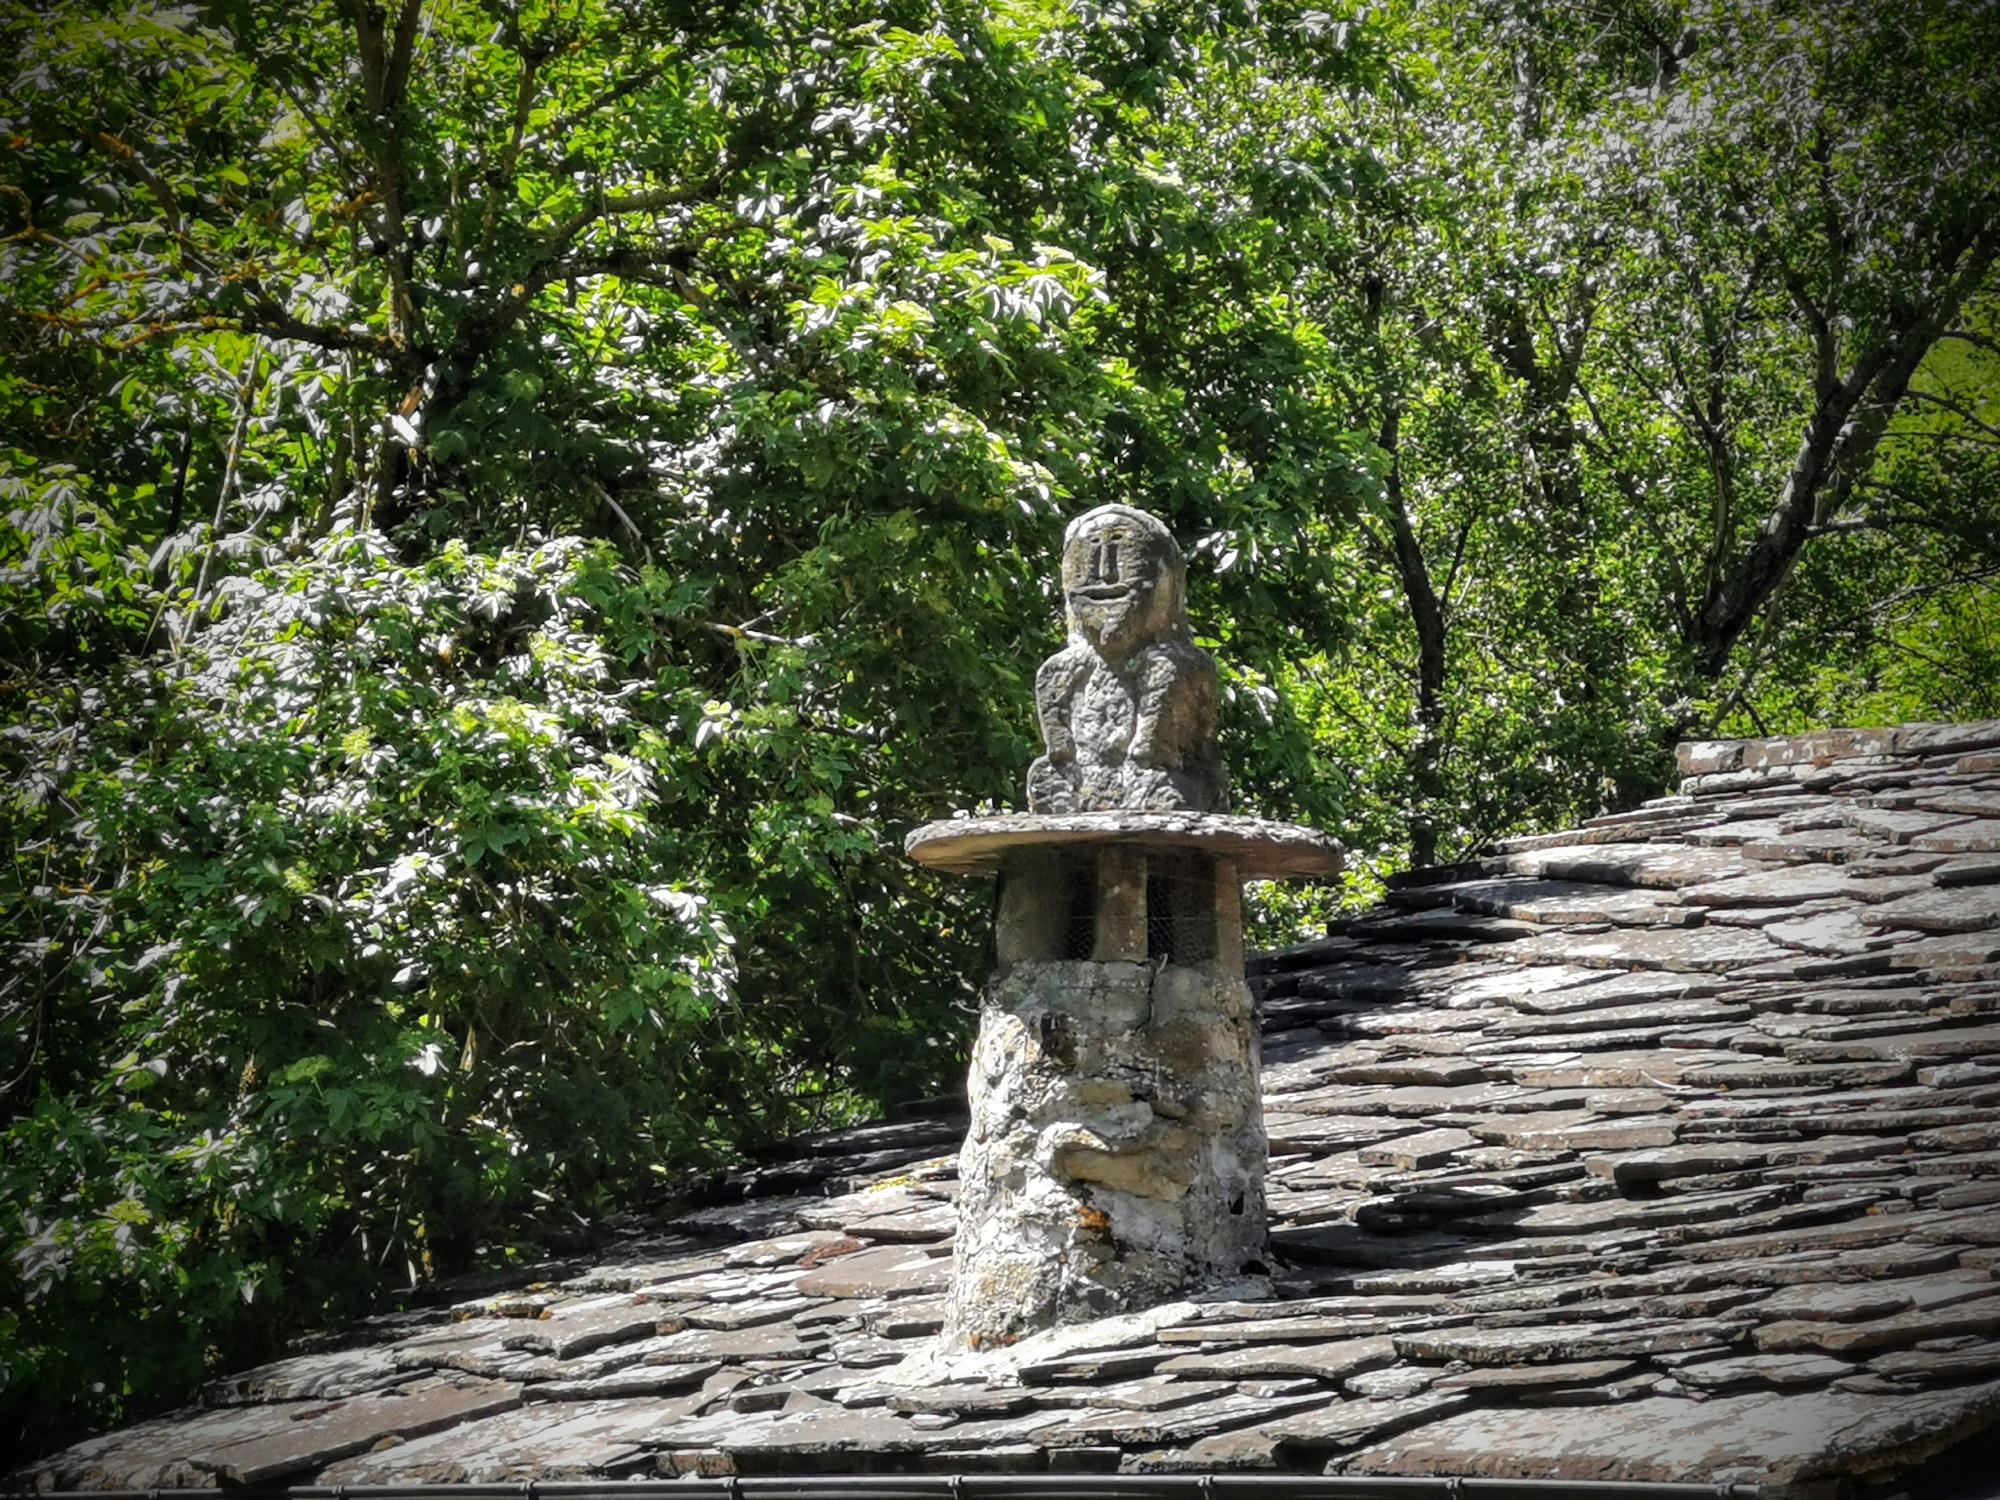 Camini con teste antropomorfe nella valle del Dardagna a Poggiolforato